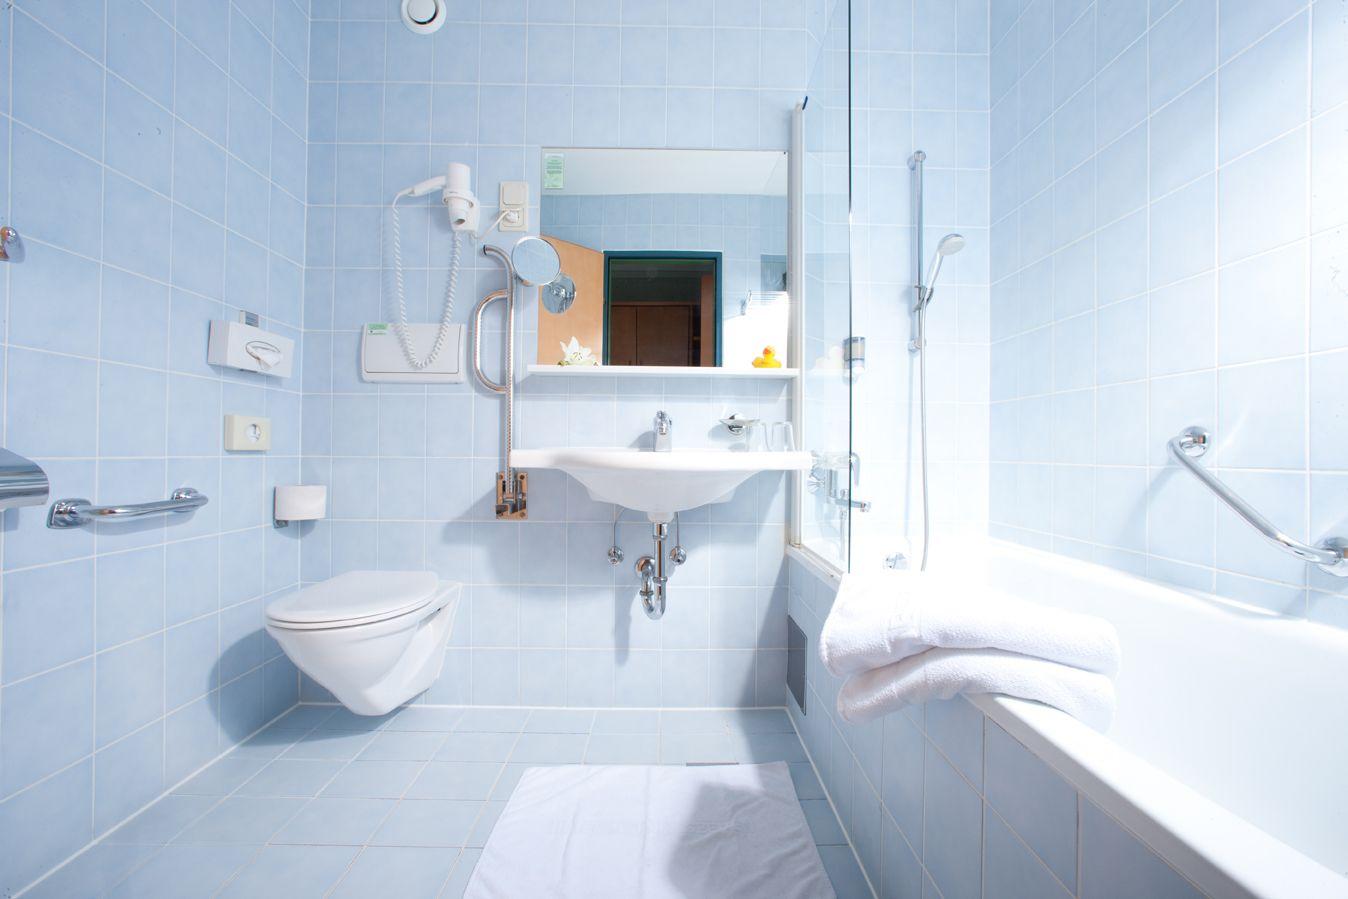 Badezimmer im Thermenhotel Vier Jahreszeiten in Loipersdorf bei Fürstenfeld